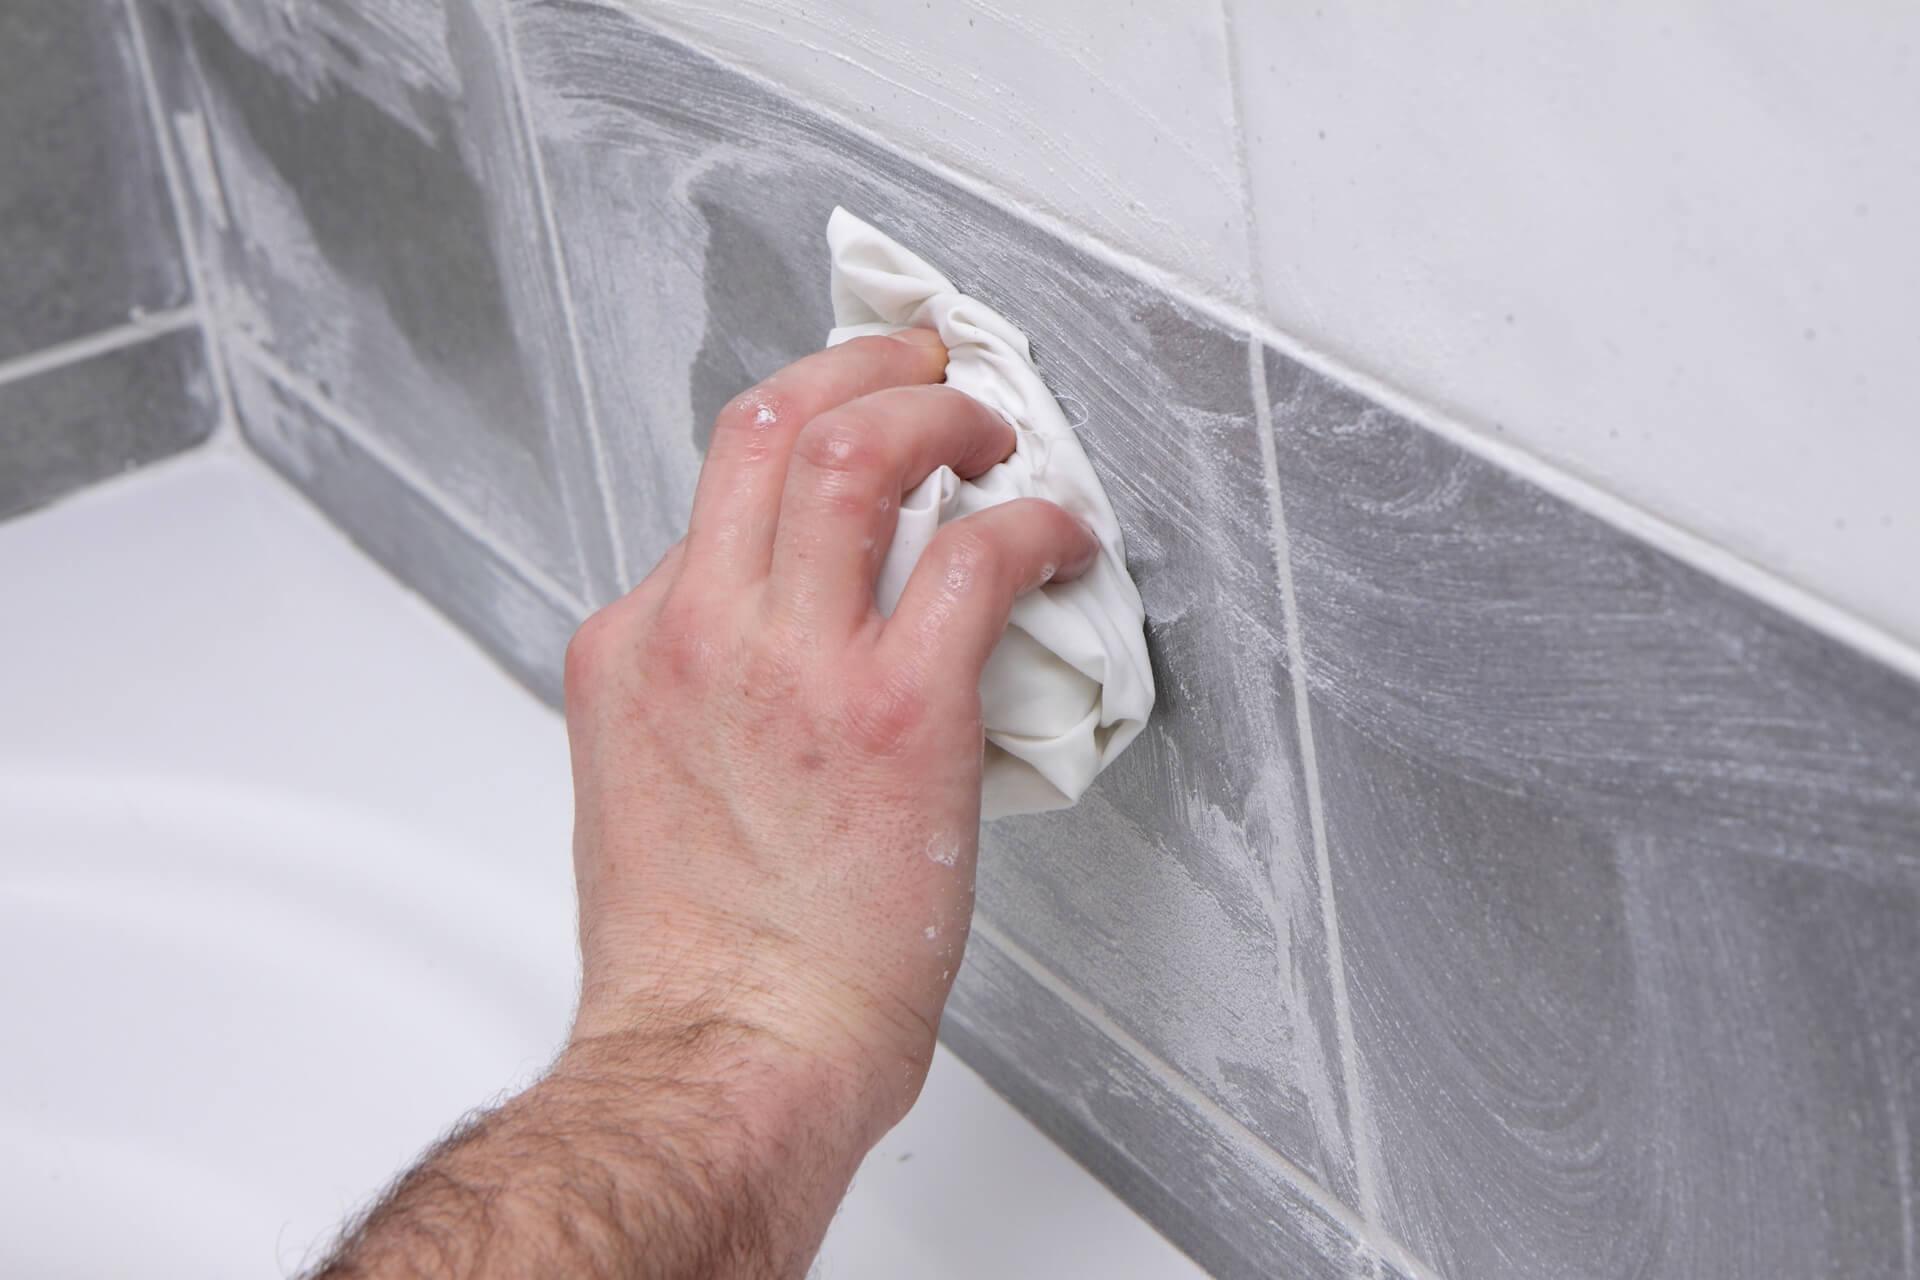 astuces pour nettoyer les joints de carrelage - grands-mamans.com - Nettoyage Joint Carrelage Salle De Bain